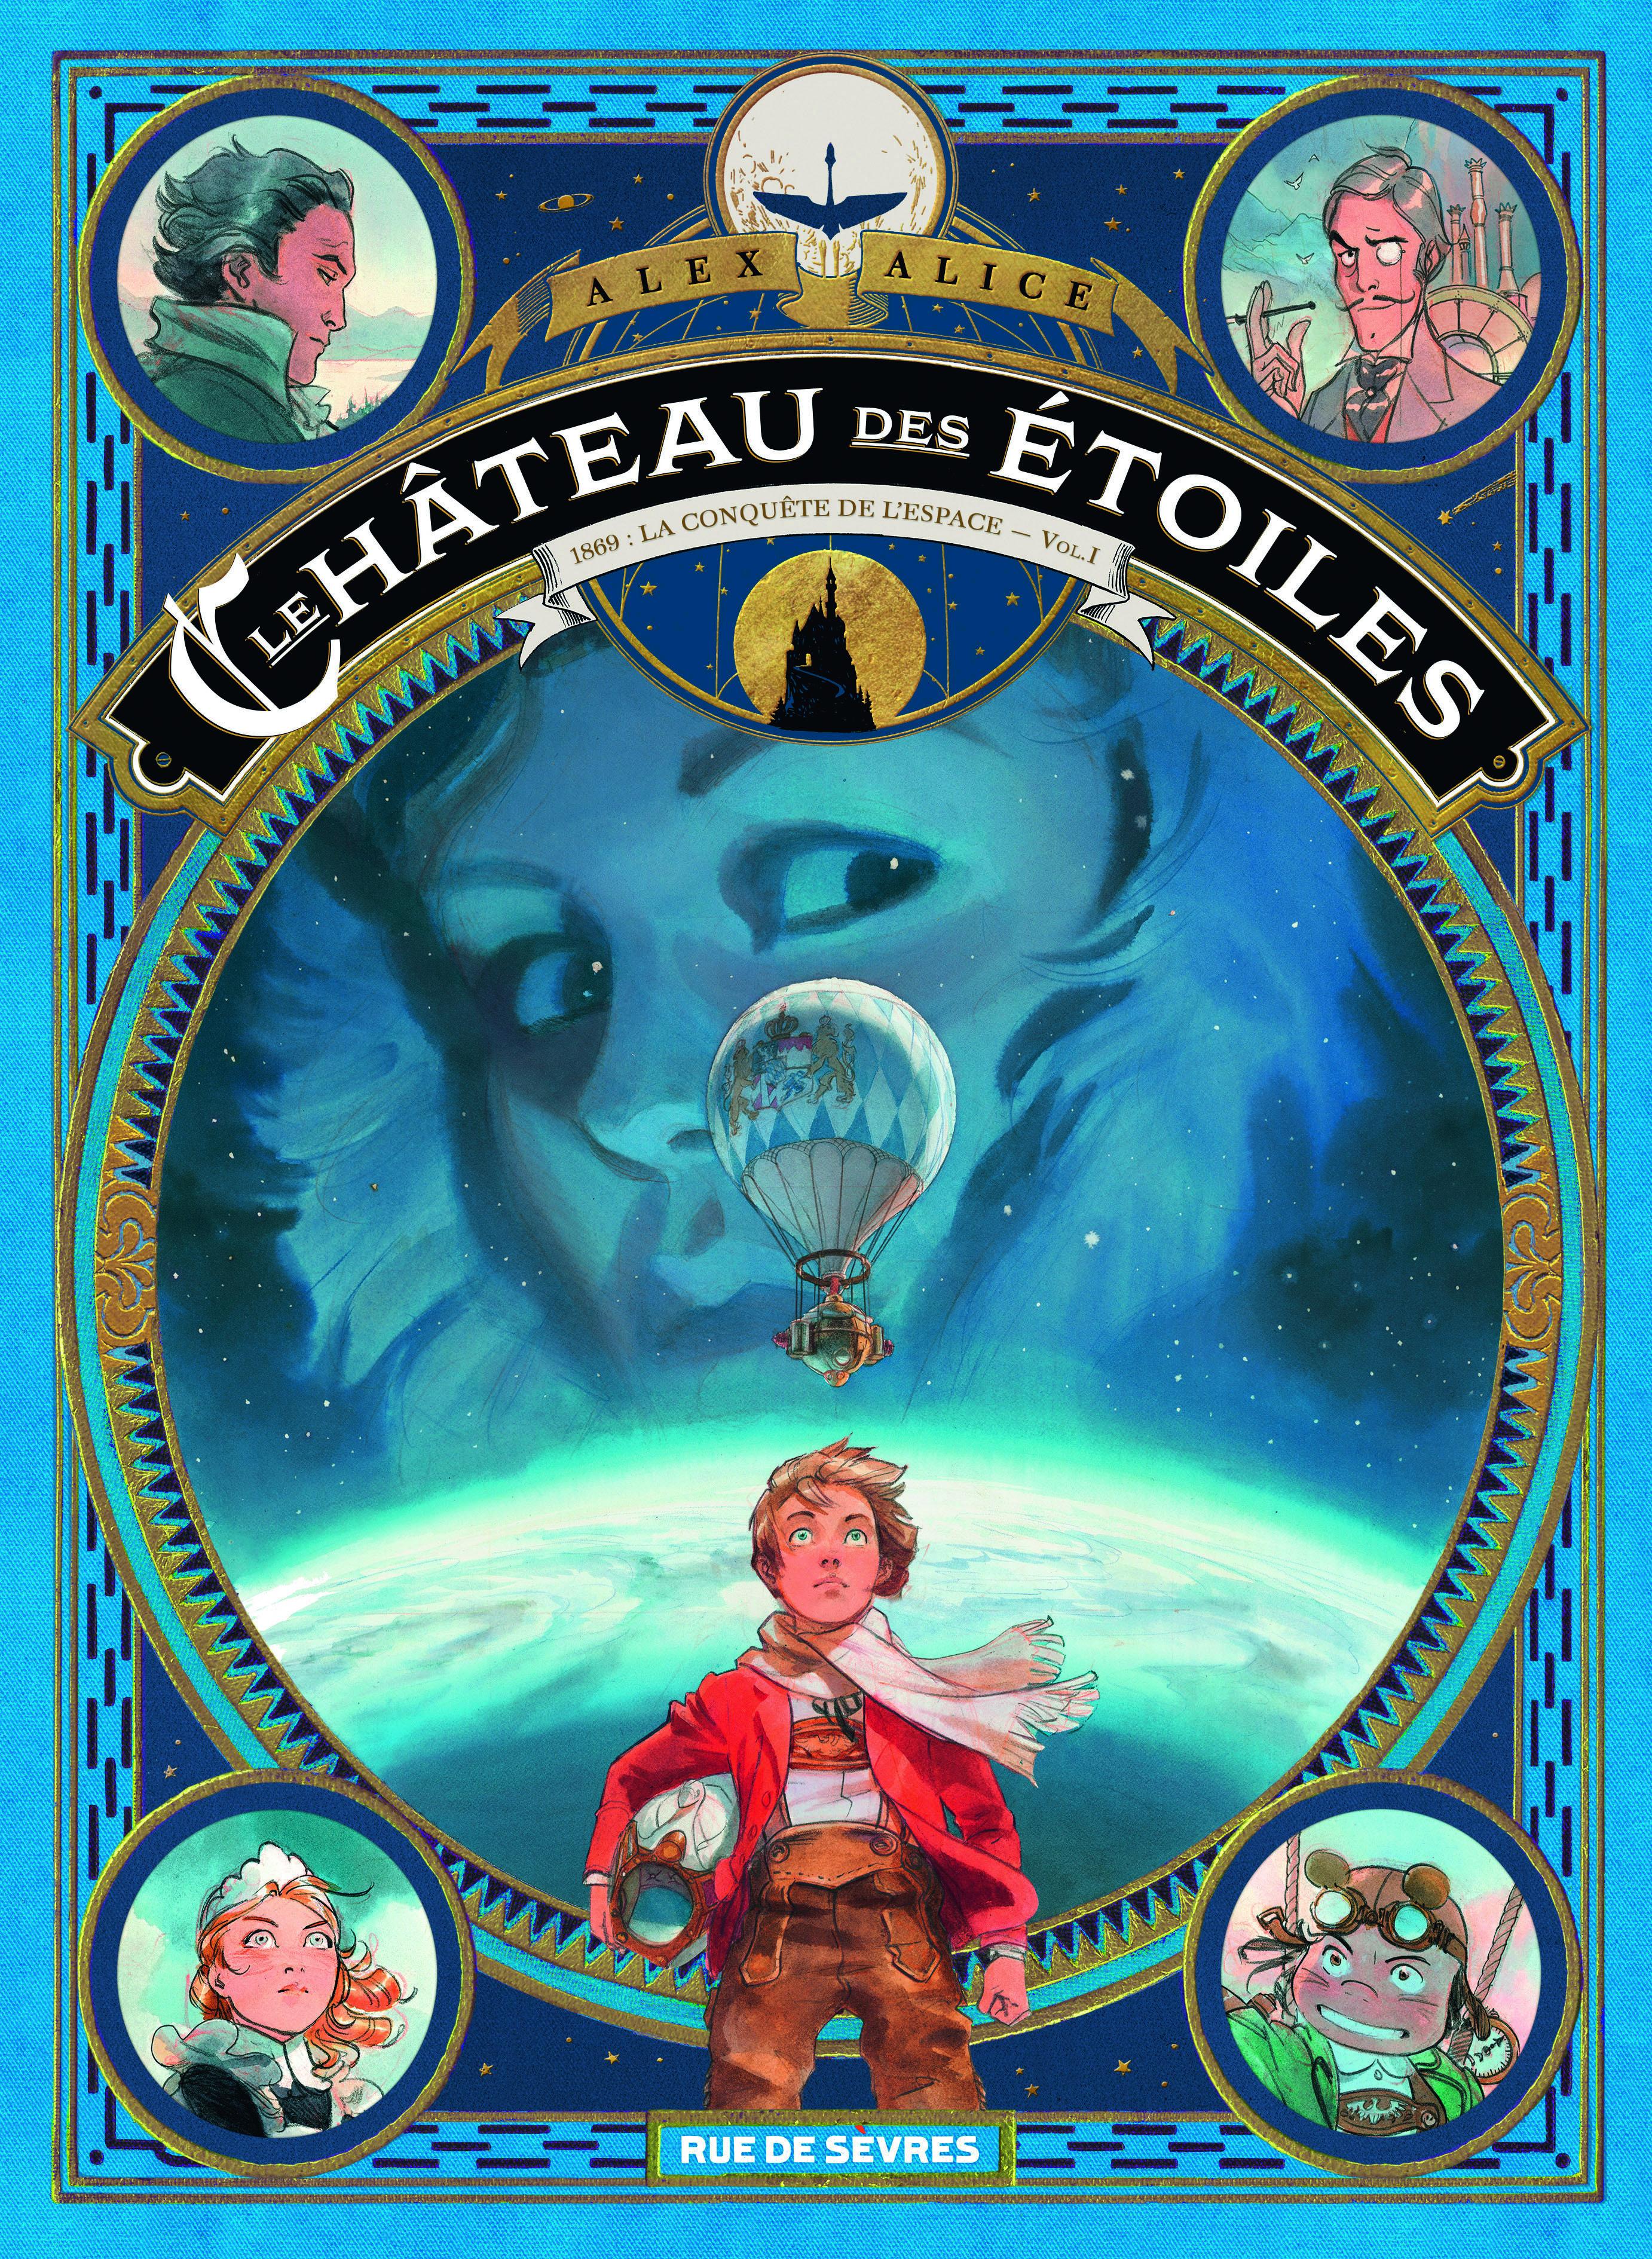 LE CHATEAU DES ETOILES TOME 1 (1 ERE PARTIE) - LA CONQUETE DE L'ESPACE